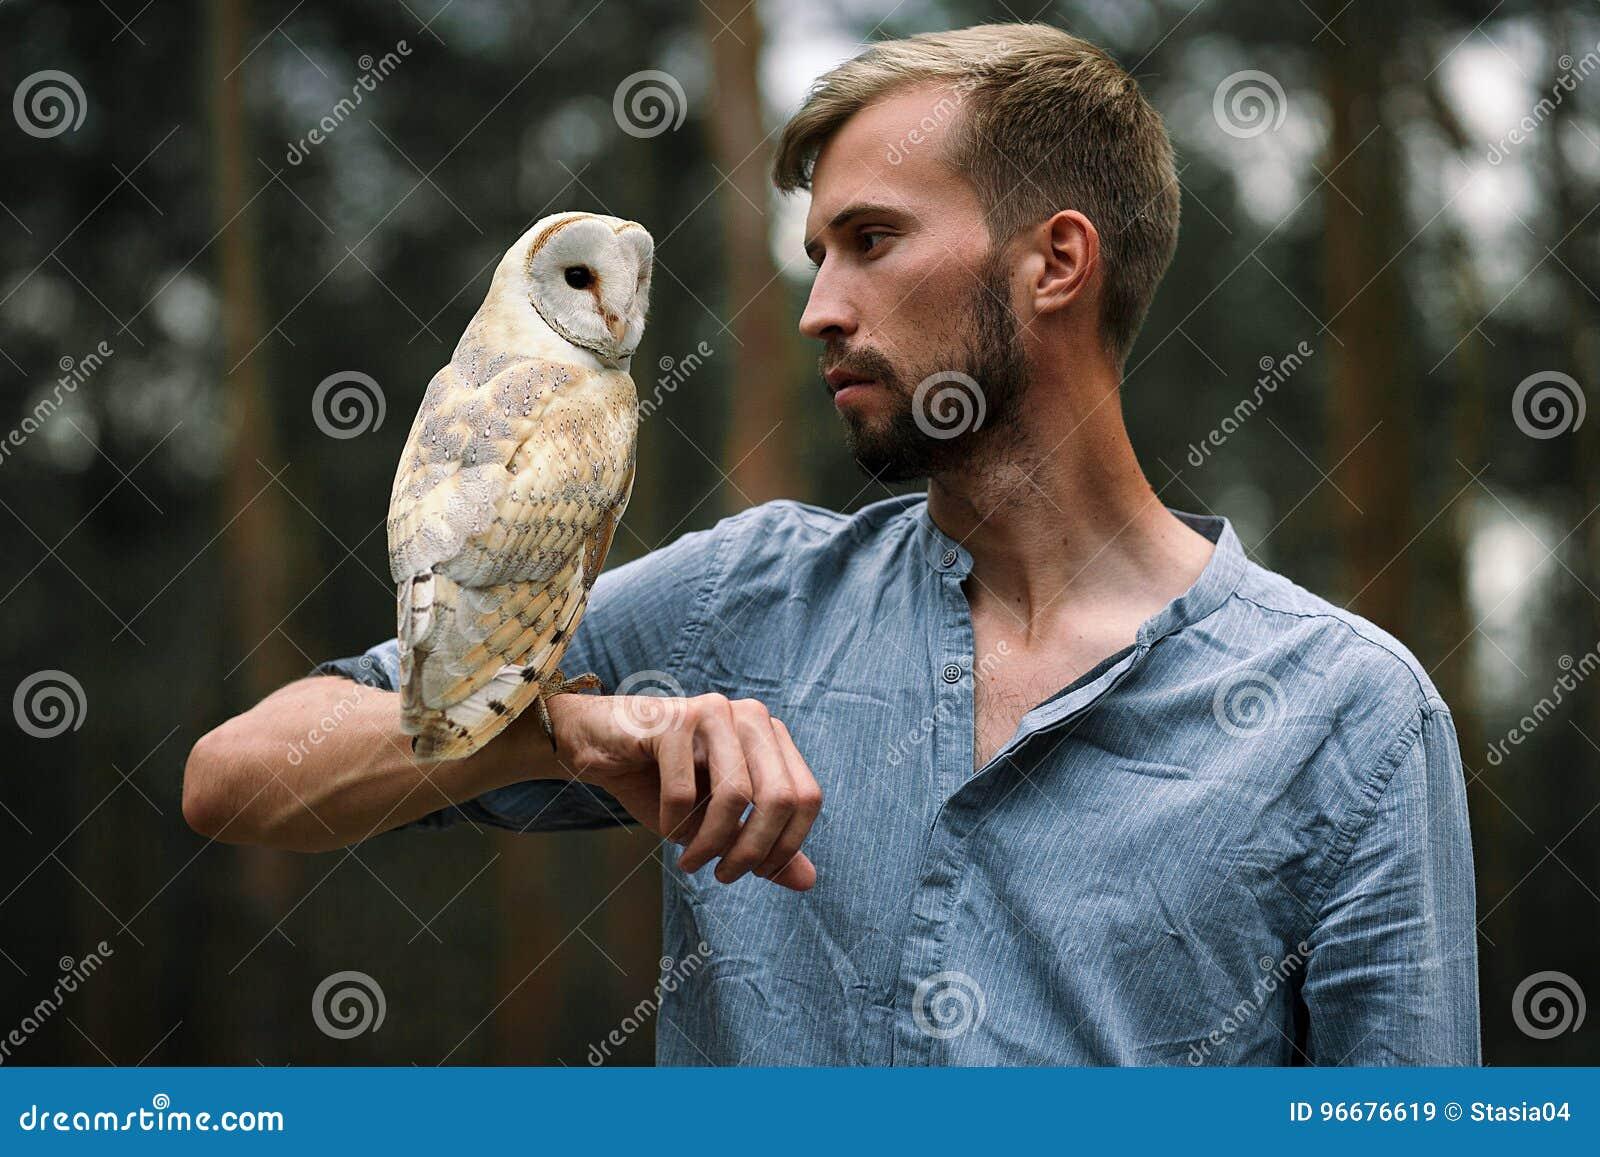 Porträt des jungen Mannes im Wald mit Eule in der Hand Nahaufnahme